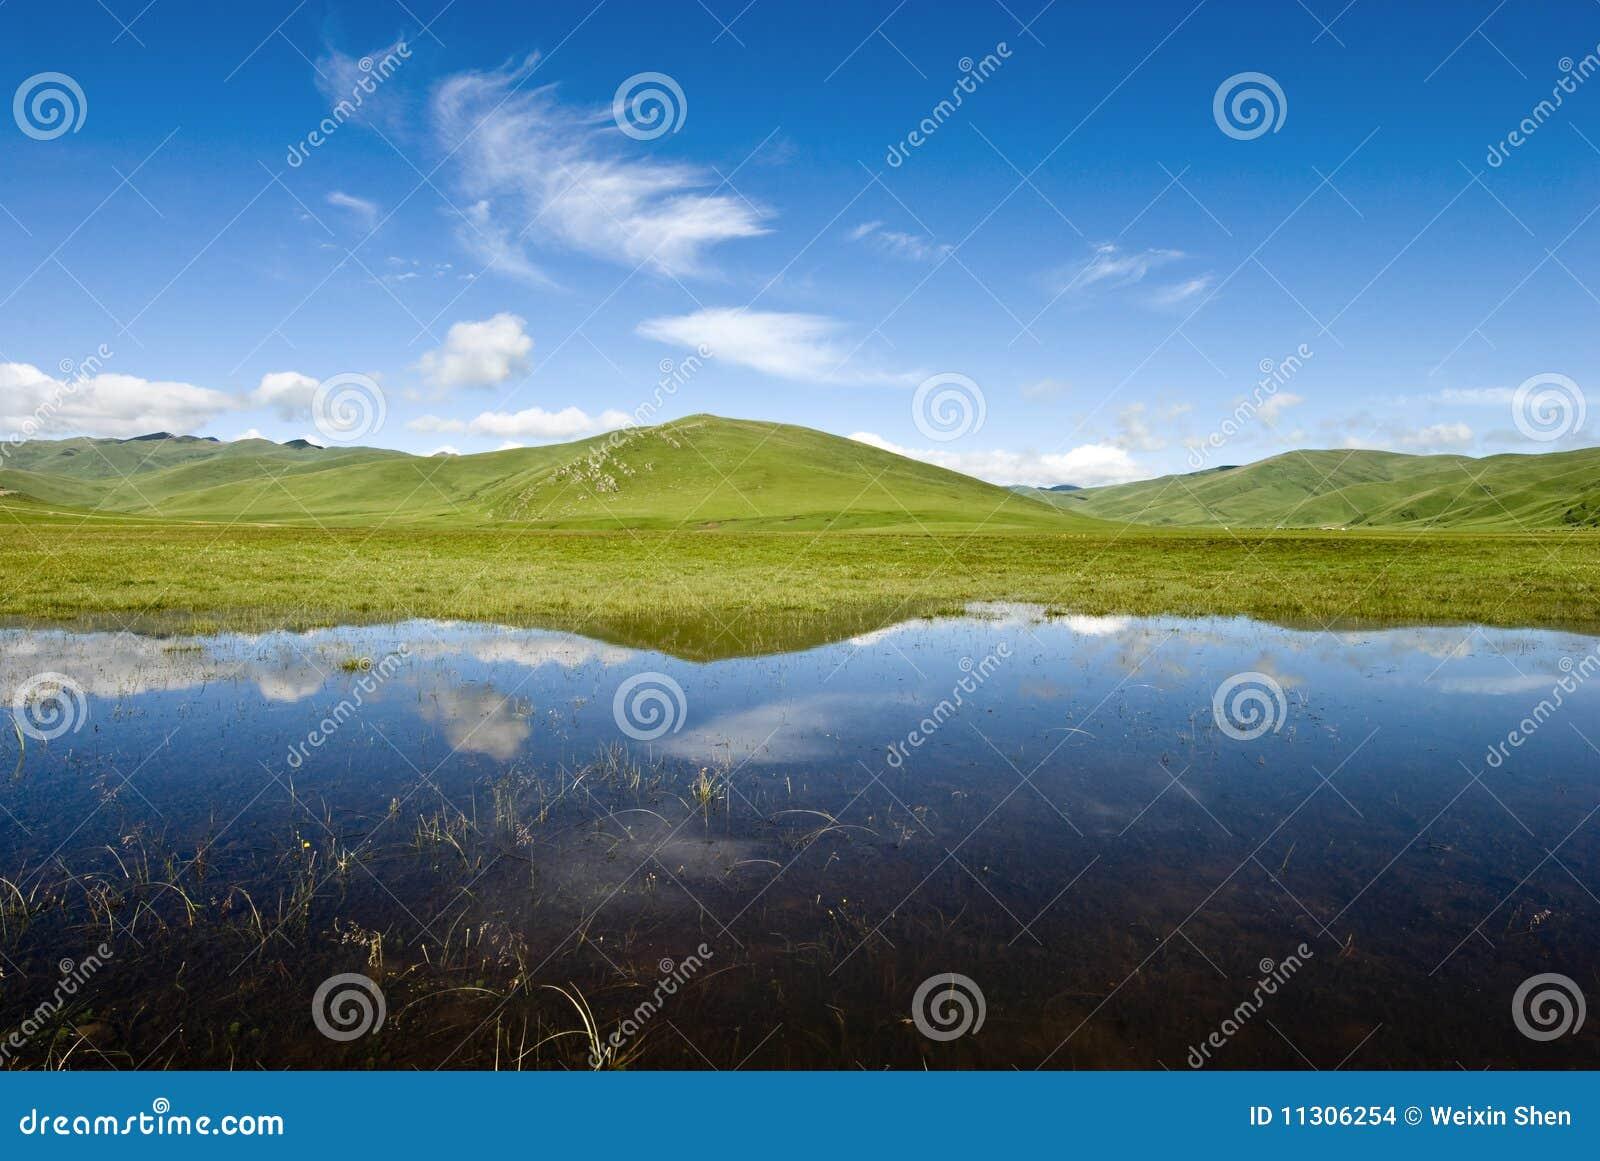 Landschaft mit vollkommener Reflexion auf dem Wasser